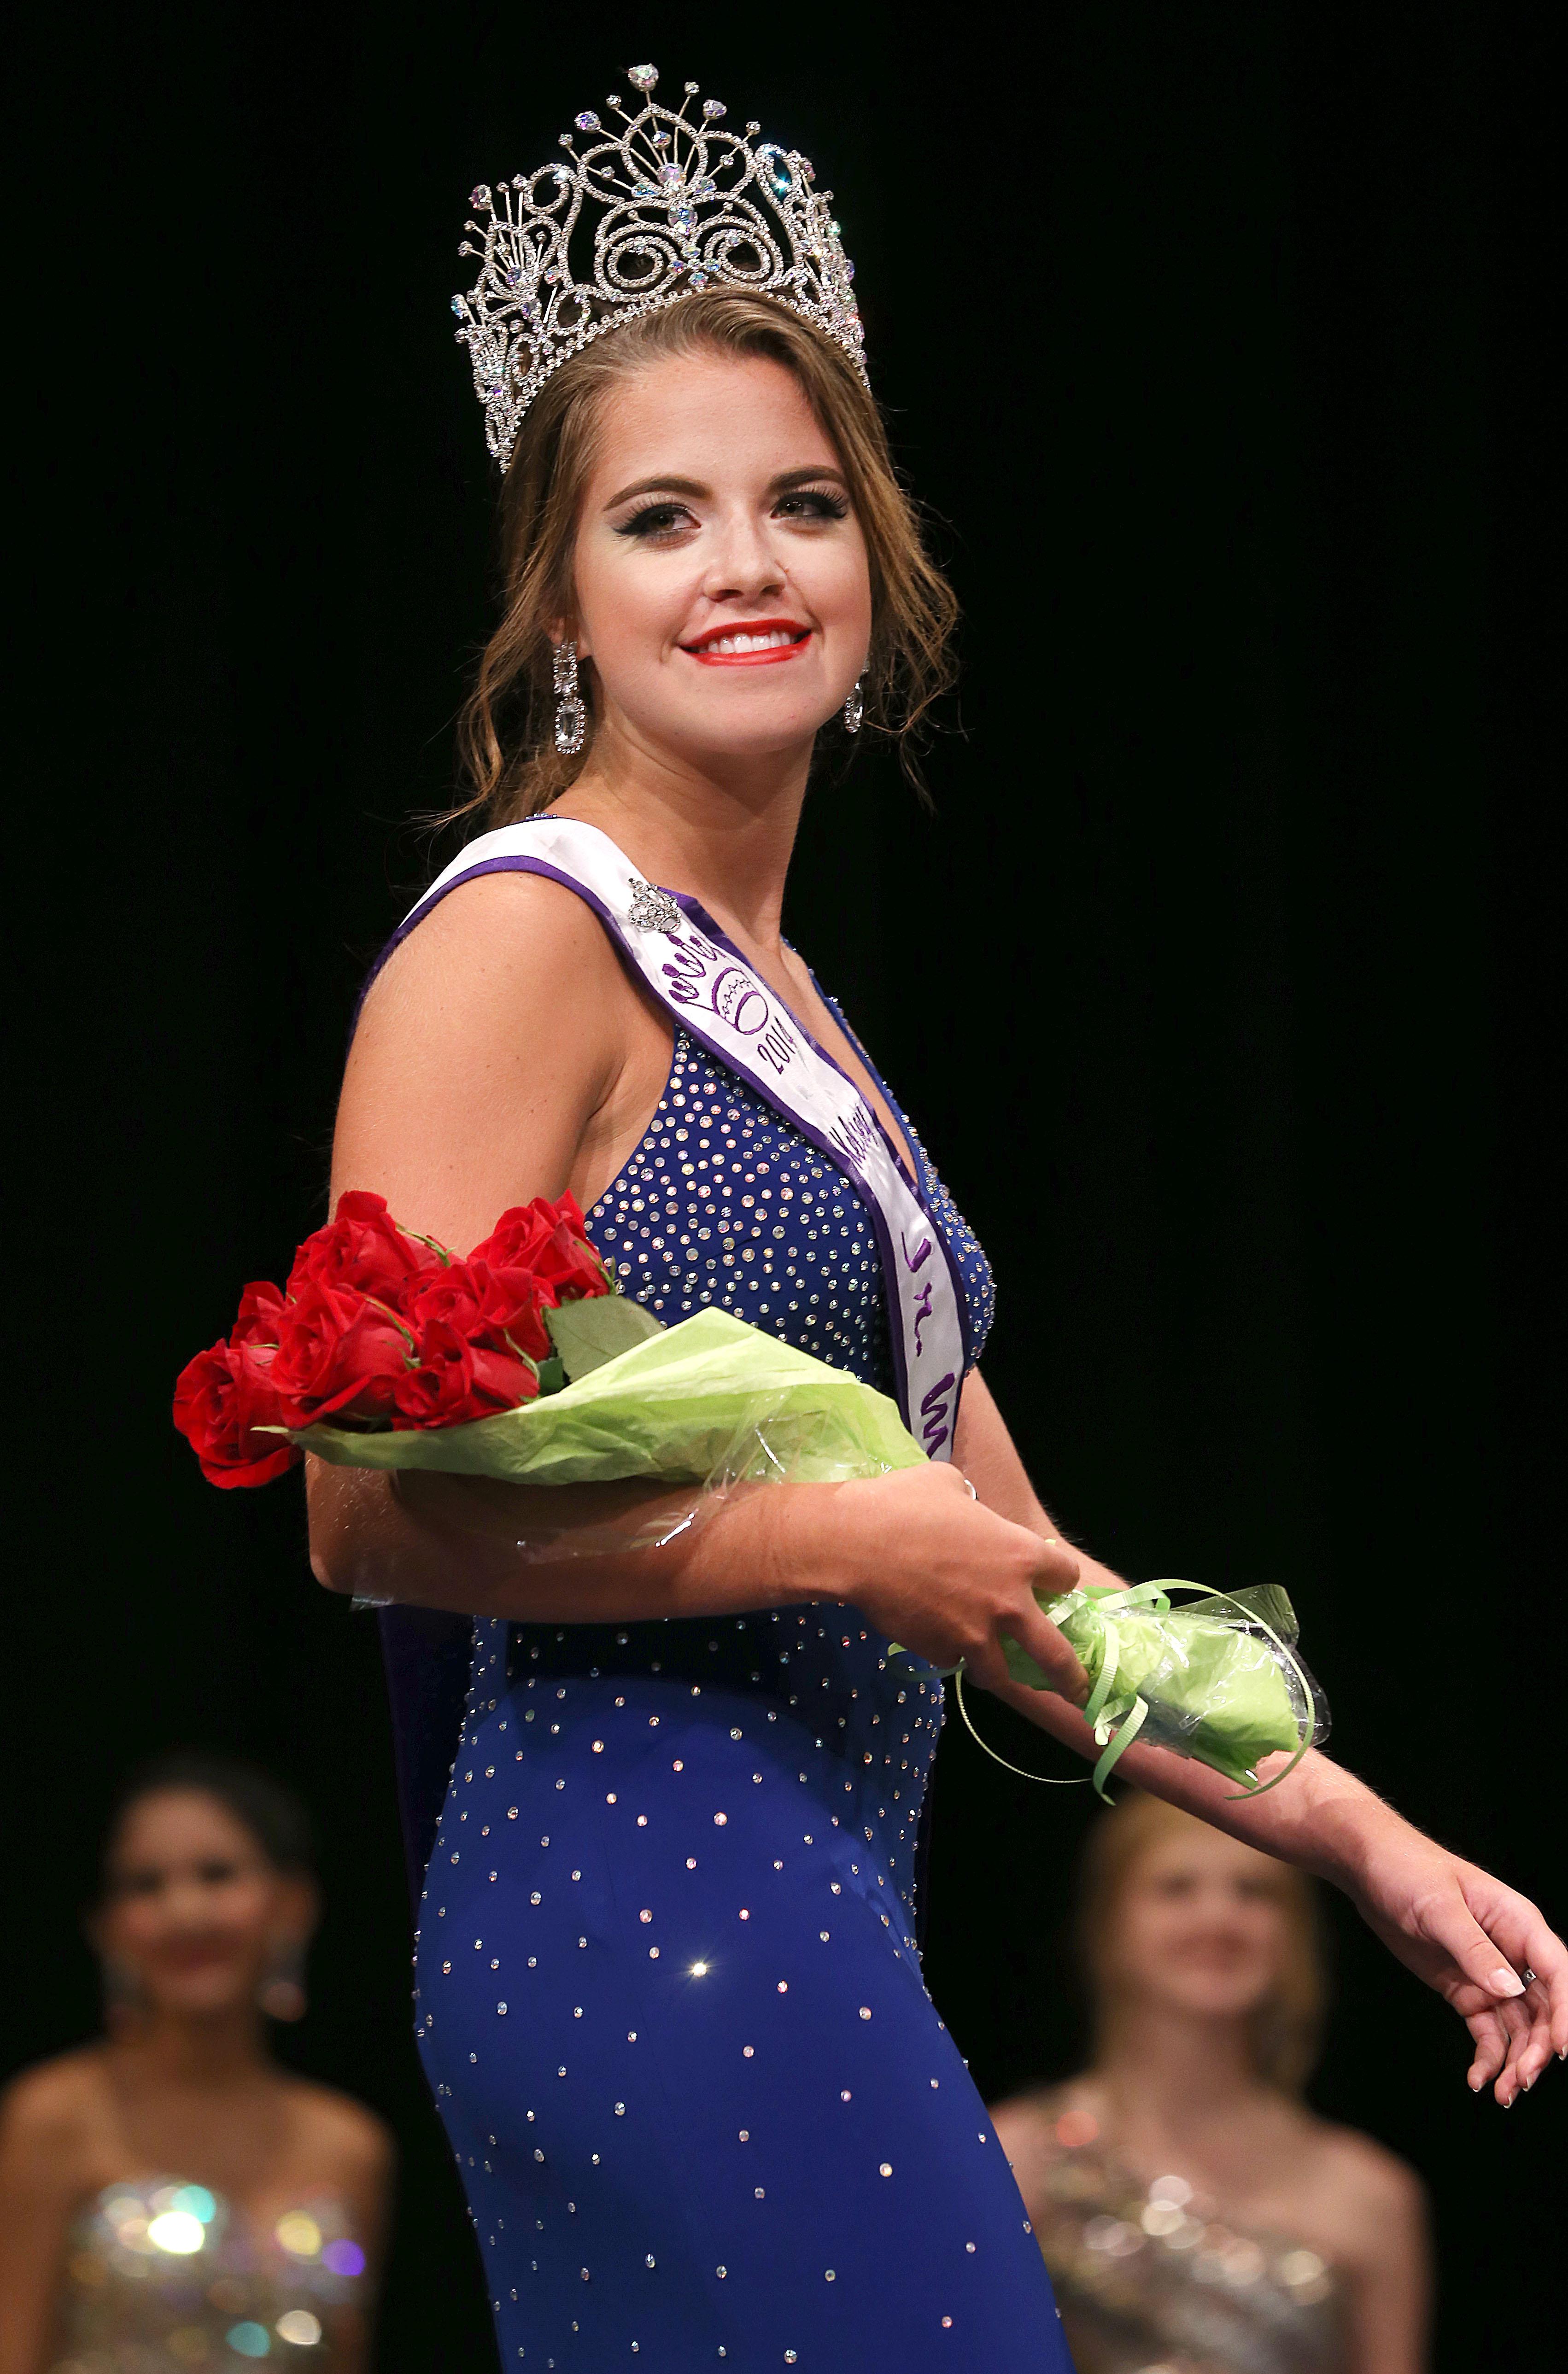 Miss Victoria Pagent